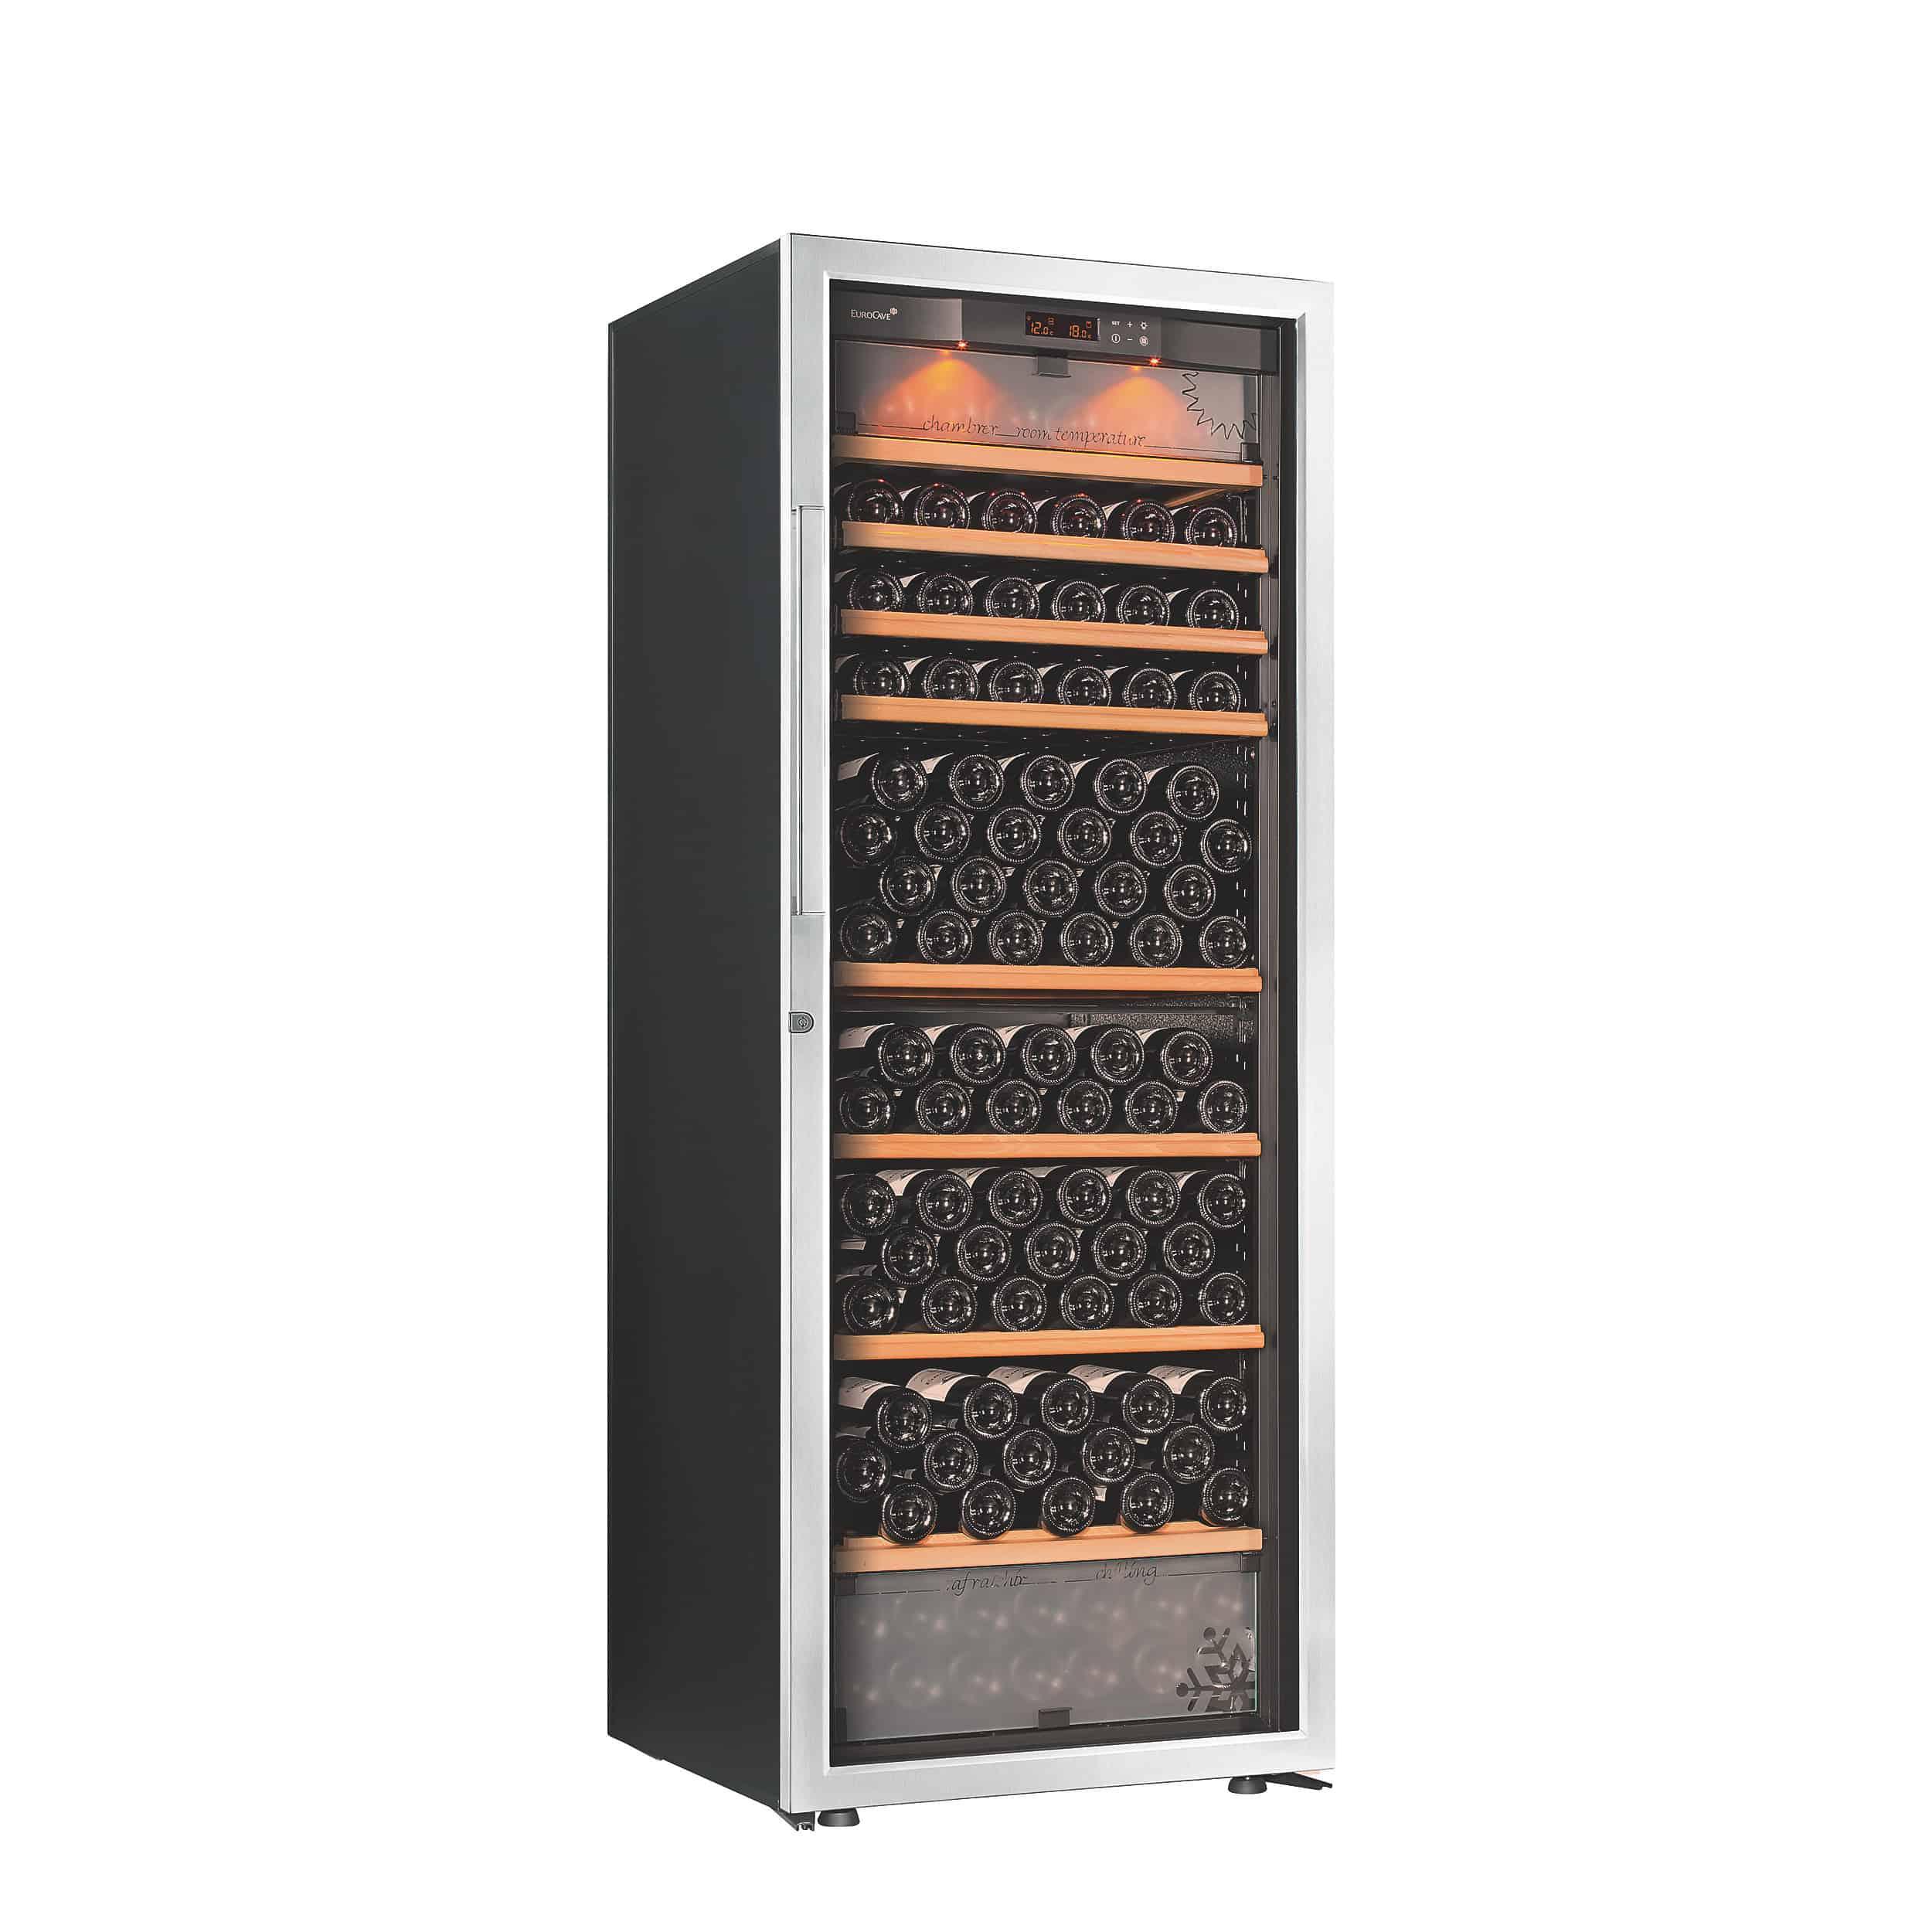 מקרר יין גדול לאחסון מעל 200 בקבוקים